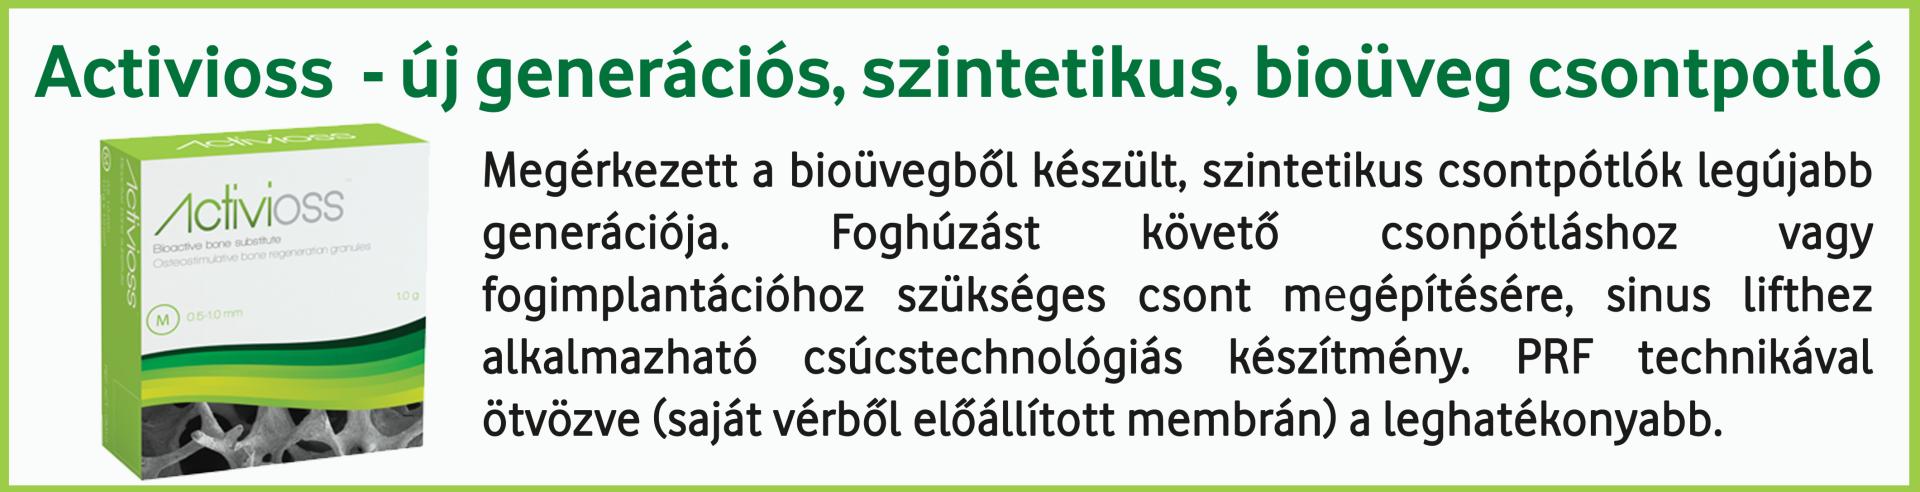 ACTIVIOSS_gaspardental2_fooldalra_K